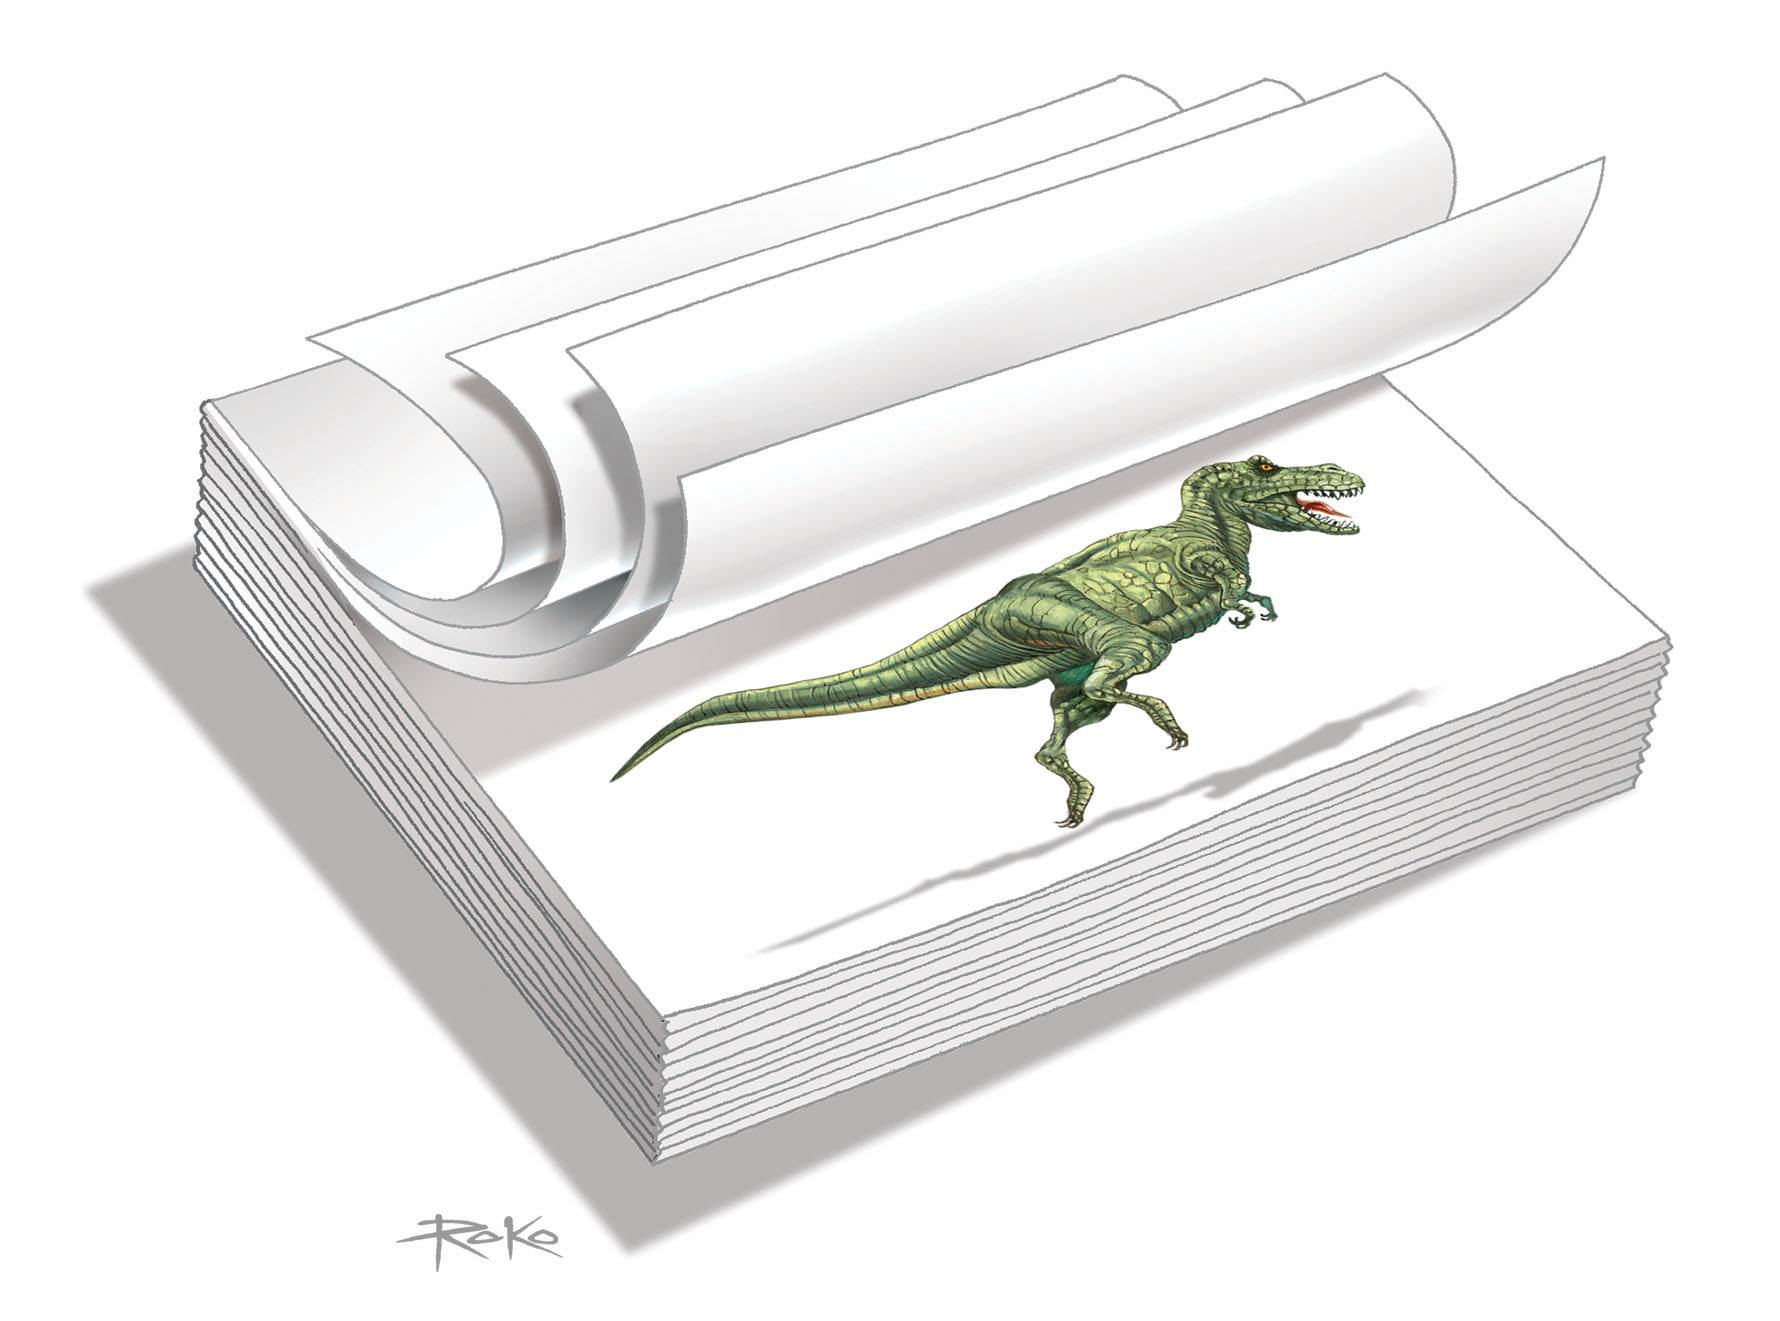 osnei-rocha-roko-ilustração-infantil-quadrinhos-32